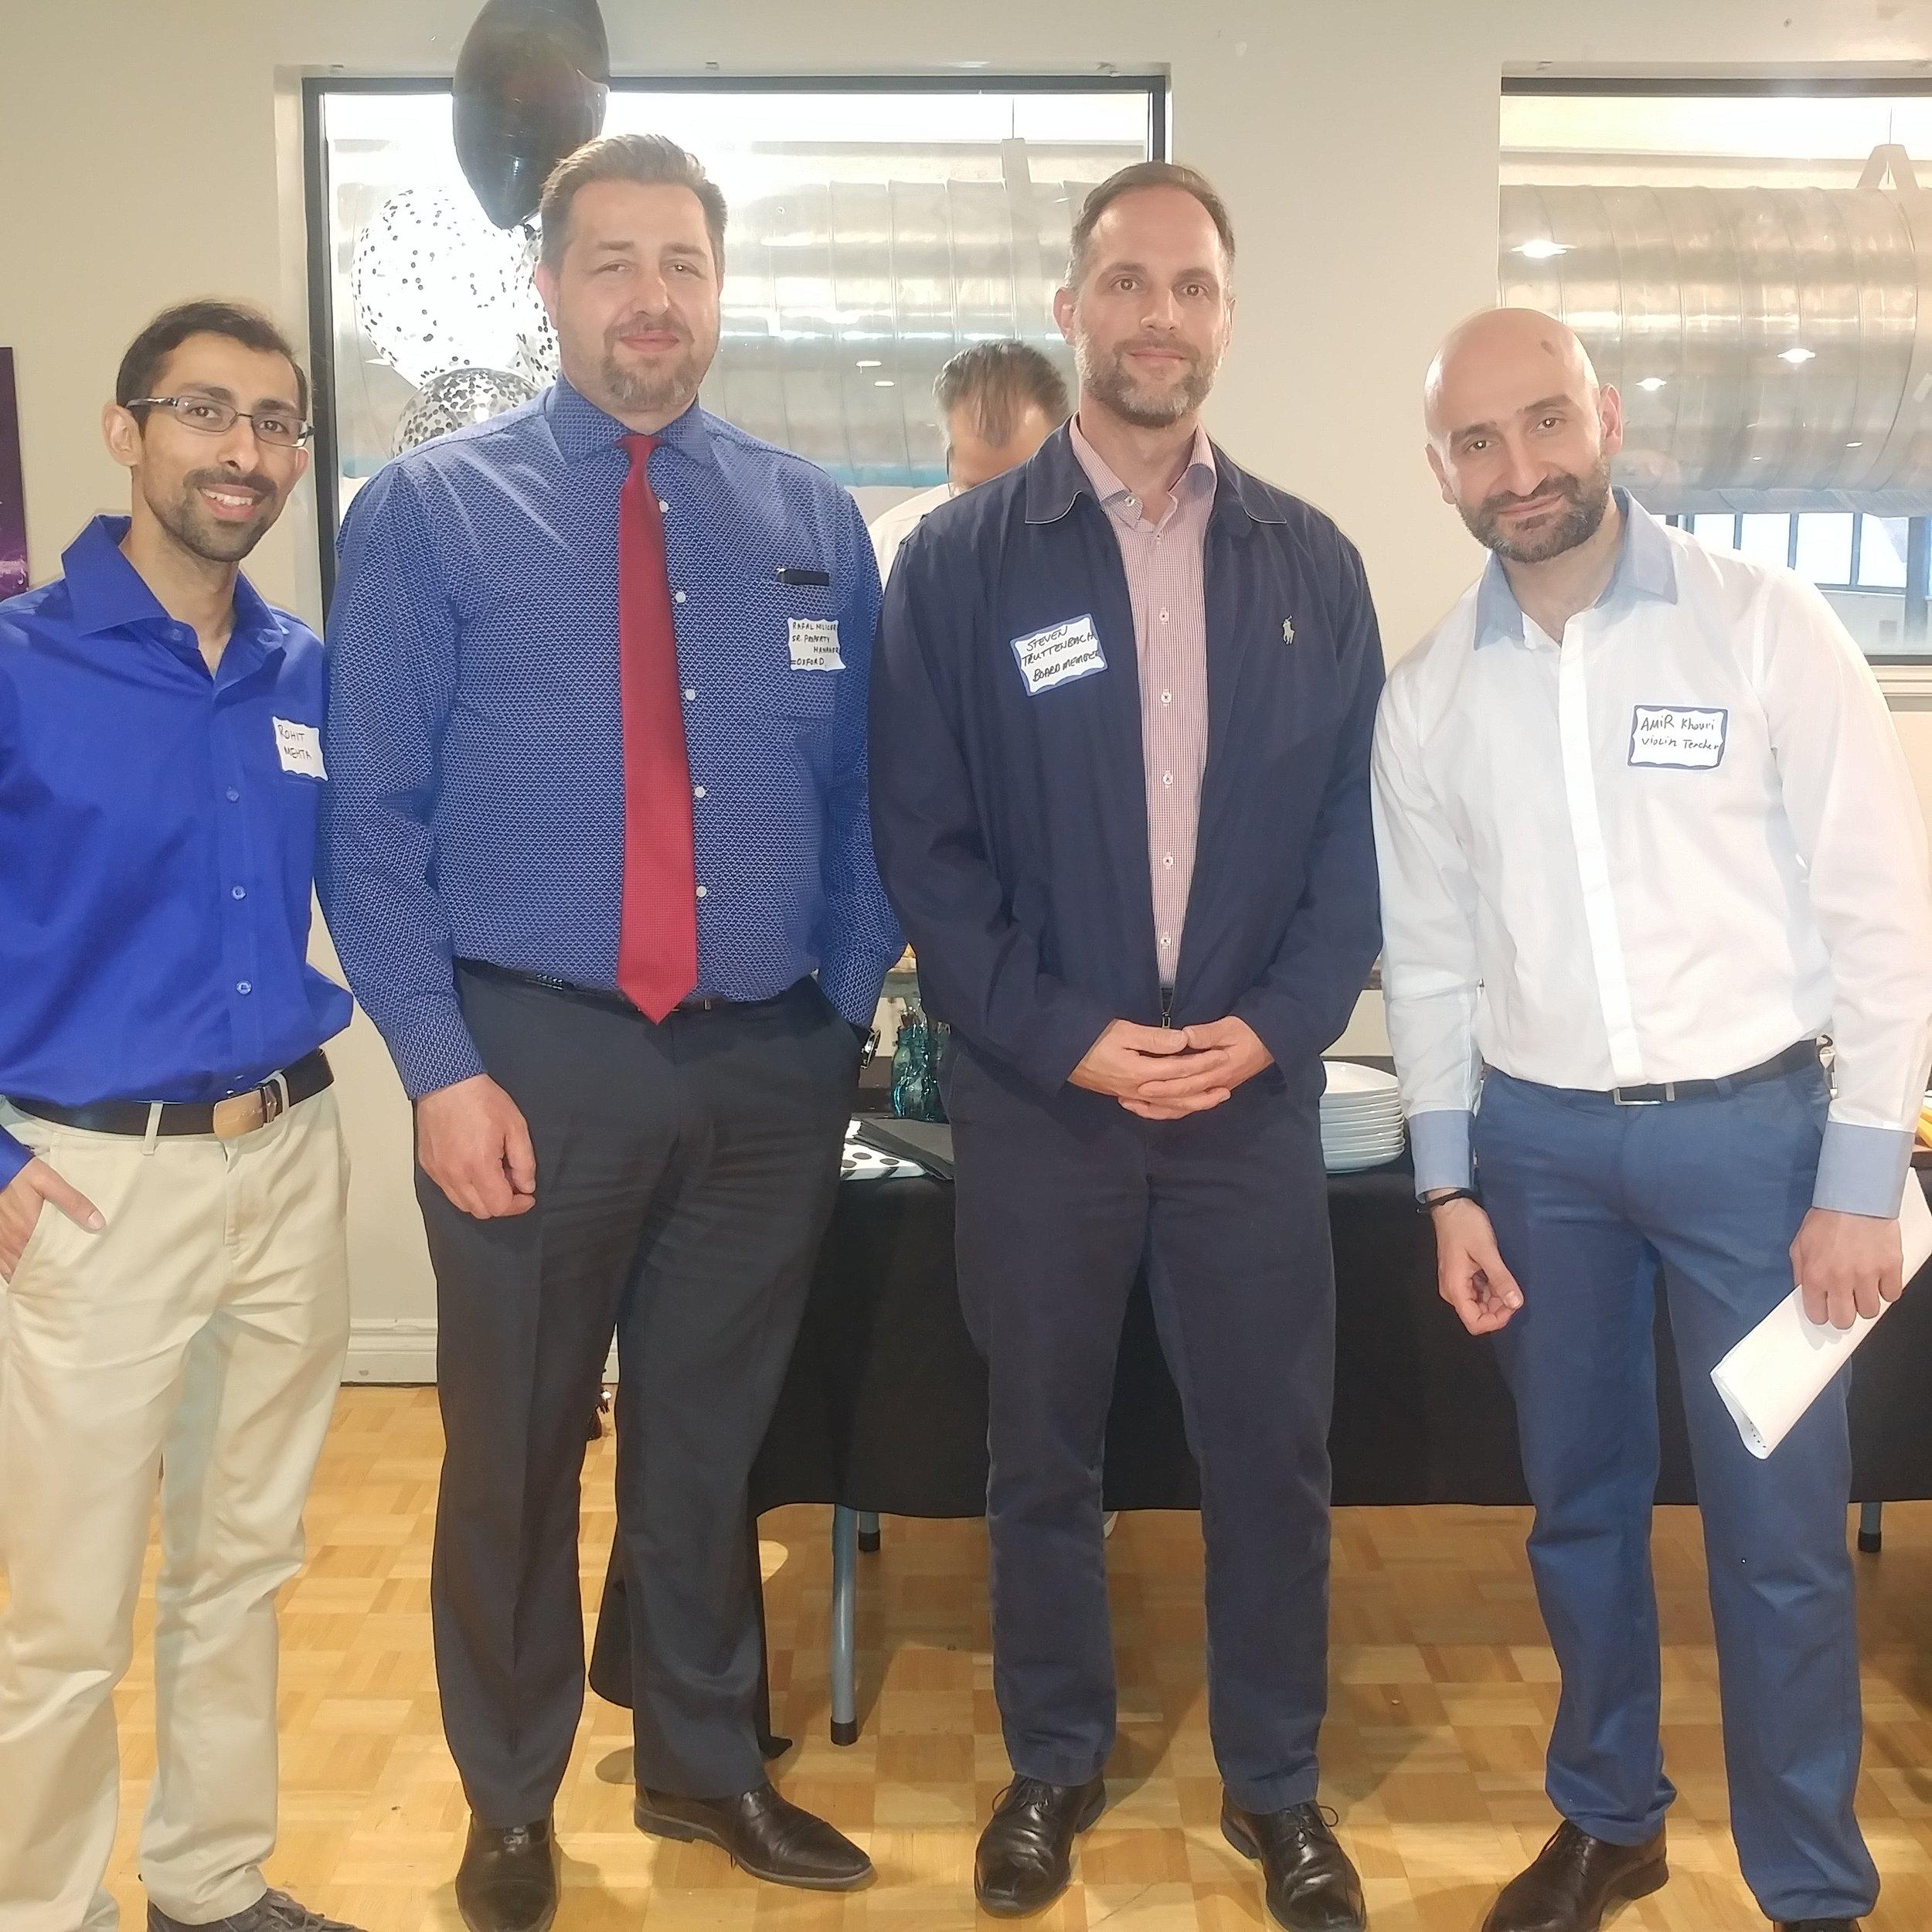 from left: Longtime Supporter Rohit Mehta, Towers manager Rafal Milicer, Board member Steve Truttenbach, MATT Teacher Amir Khouri